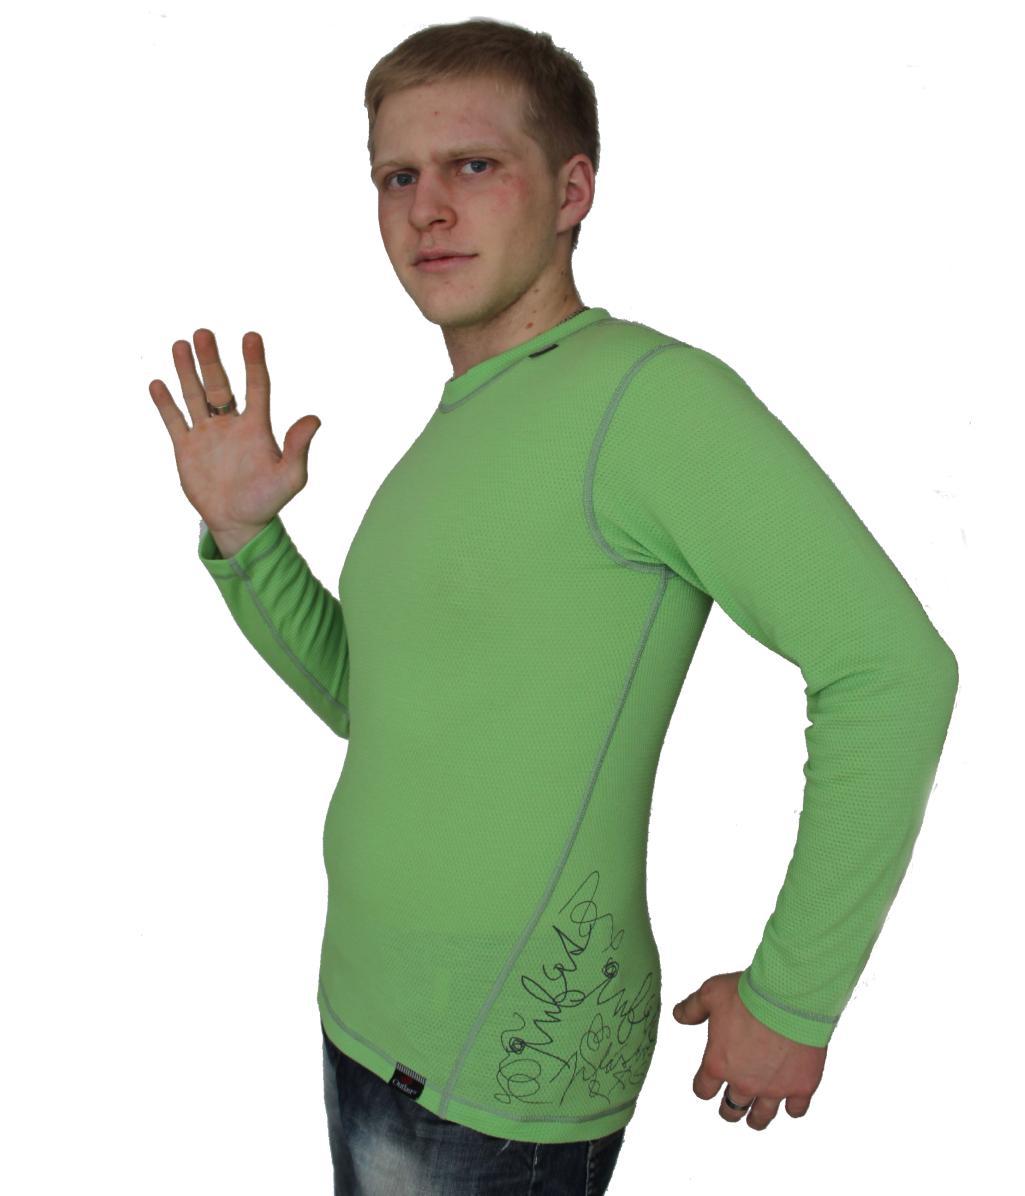 Outlast Plástve funkční pánské triko s dlouhým rukávem c6acb763d2